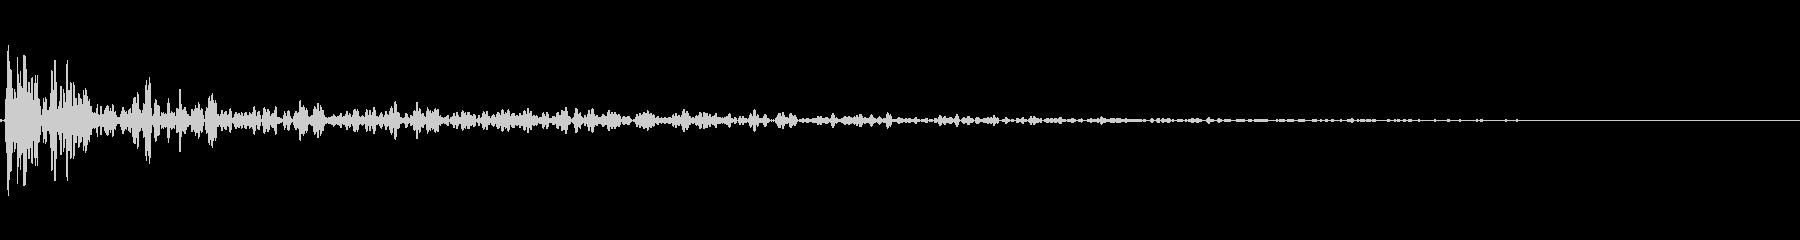 インパクトスリンキーサブクワッドVの未再生の波形